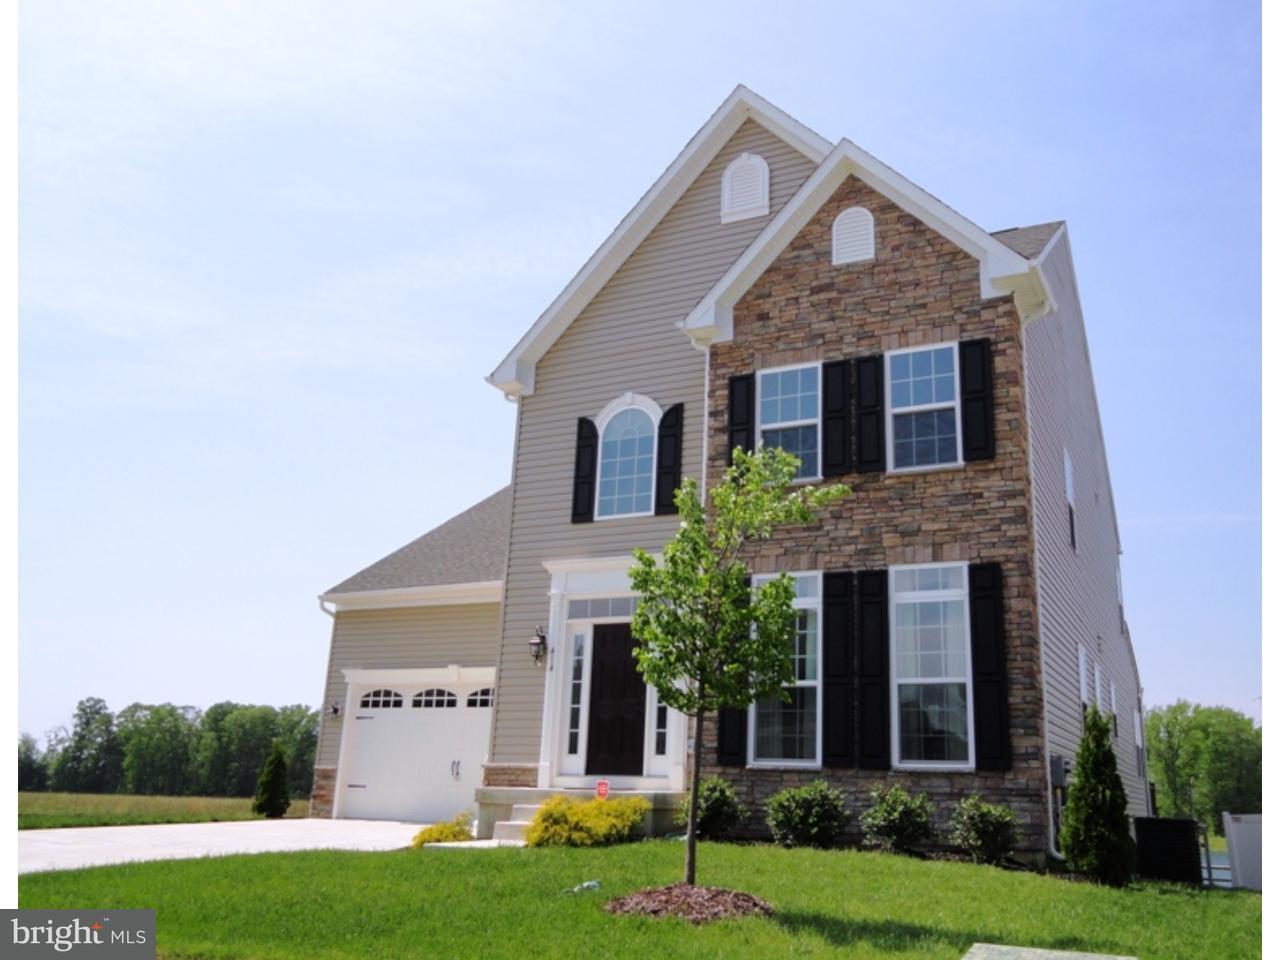 Maison unifamiliale pour l Vente à 414 CRISPIN WAY Glassboro, New Jersey 08028 États-Unis